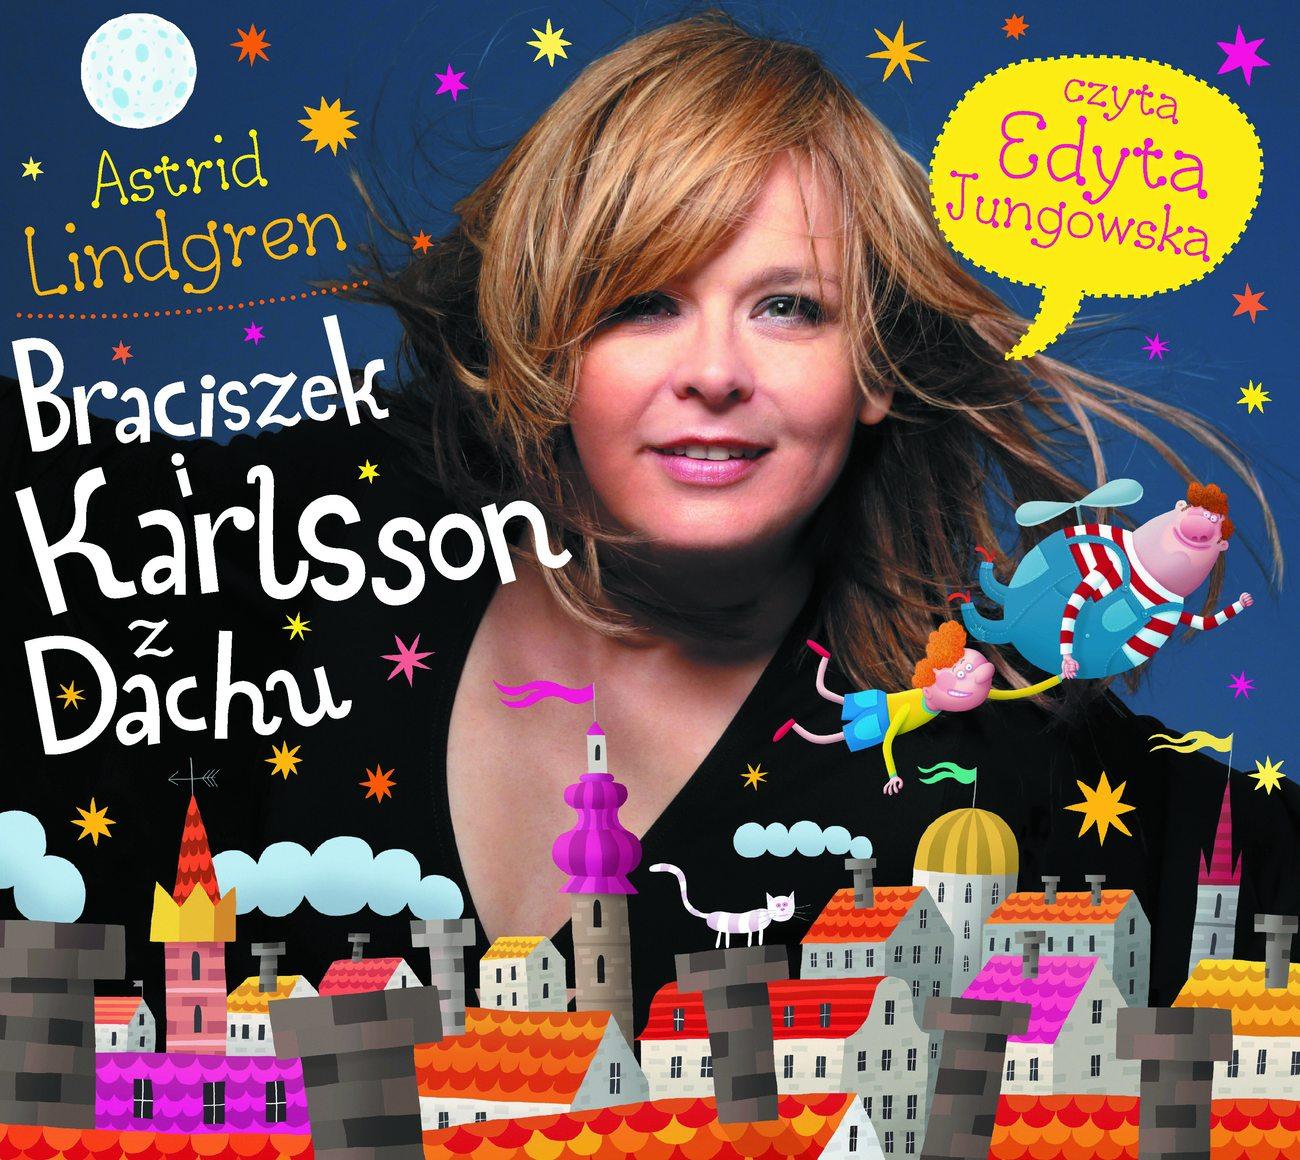 Braciszek i Karlsson z Dachu audiobook